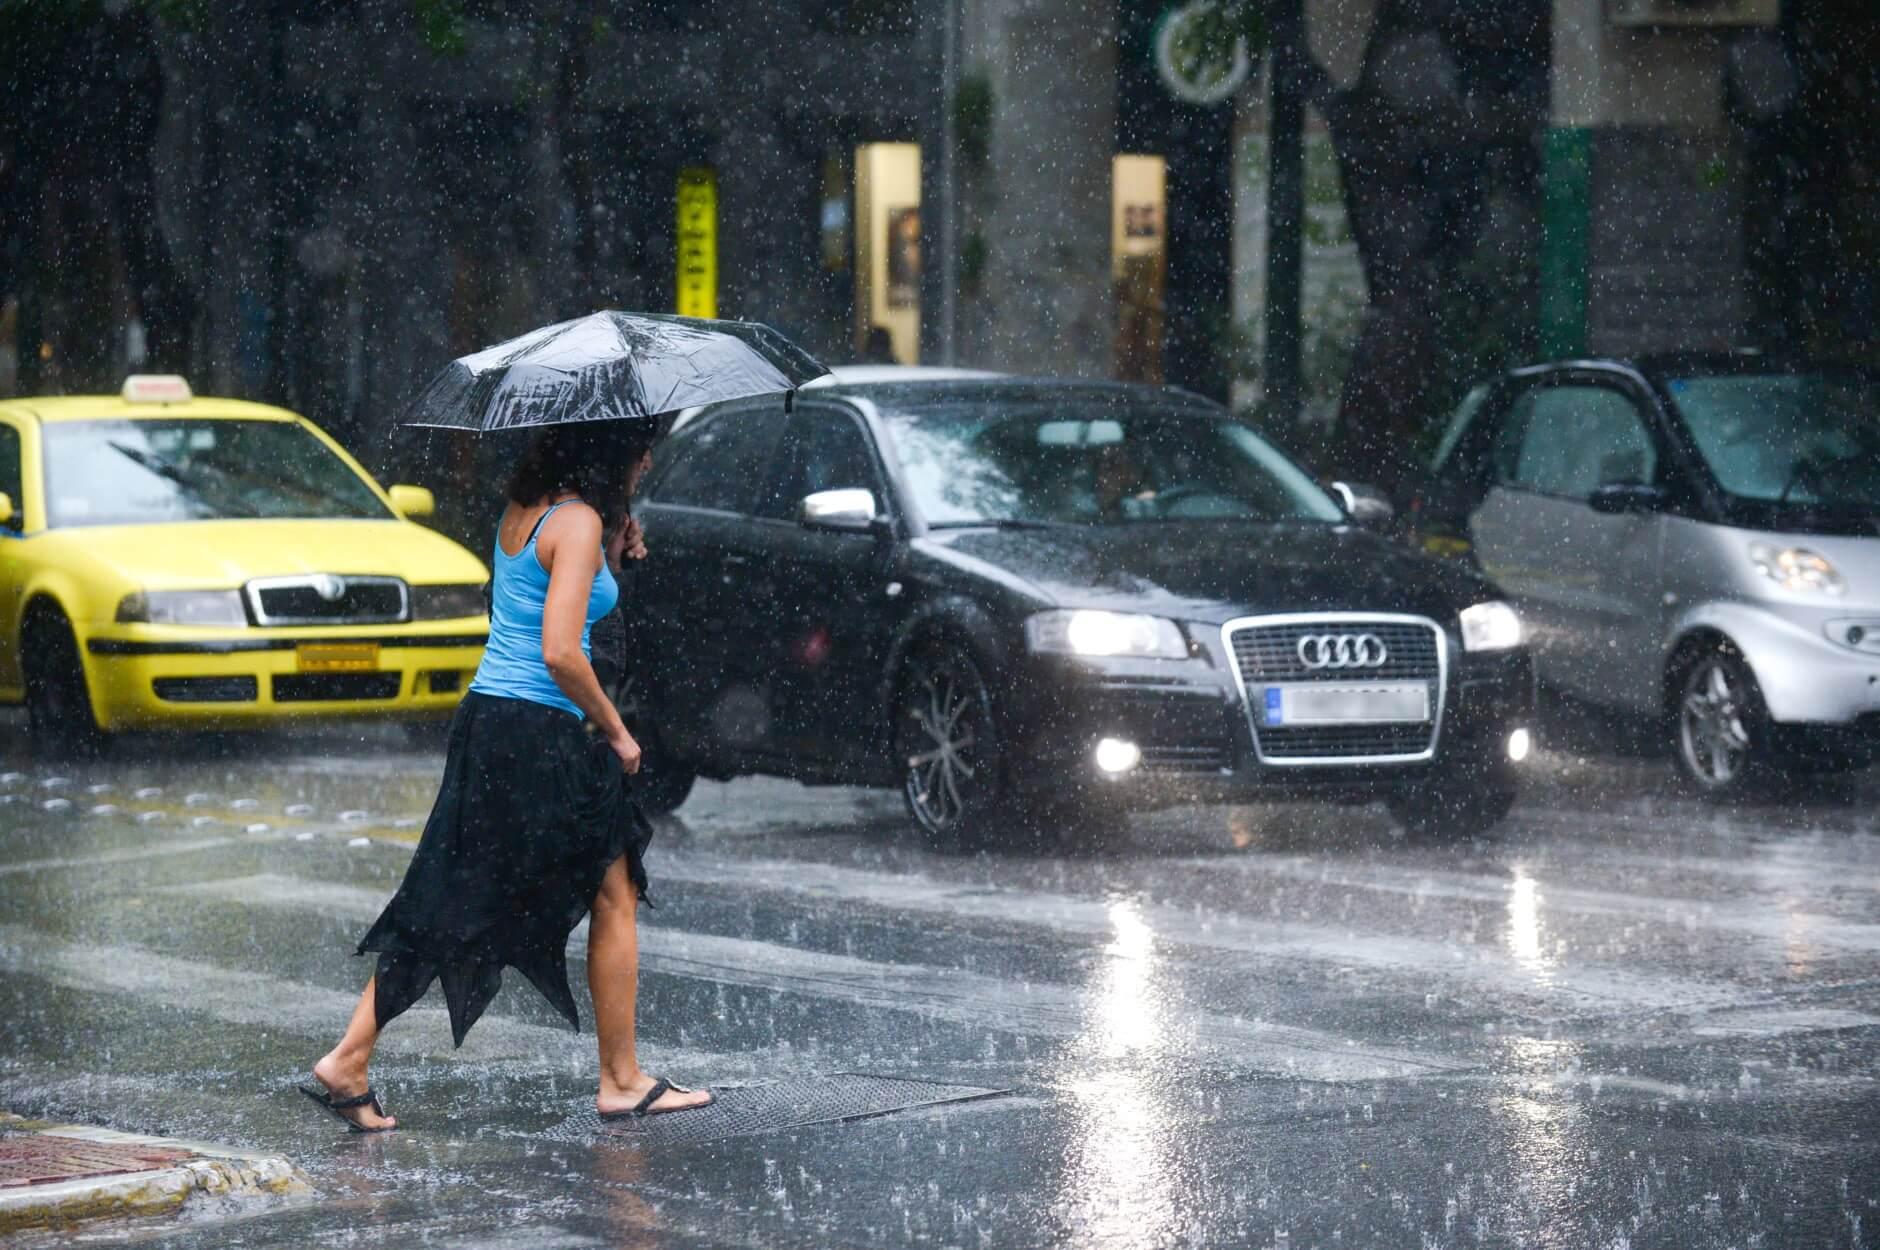 Καιρός αύριο: Άνοδος της θερμοκρασίας την Πέμπτη με… συνοδεία βροχών